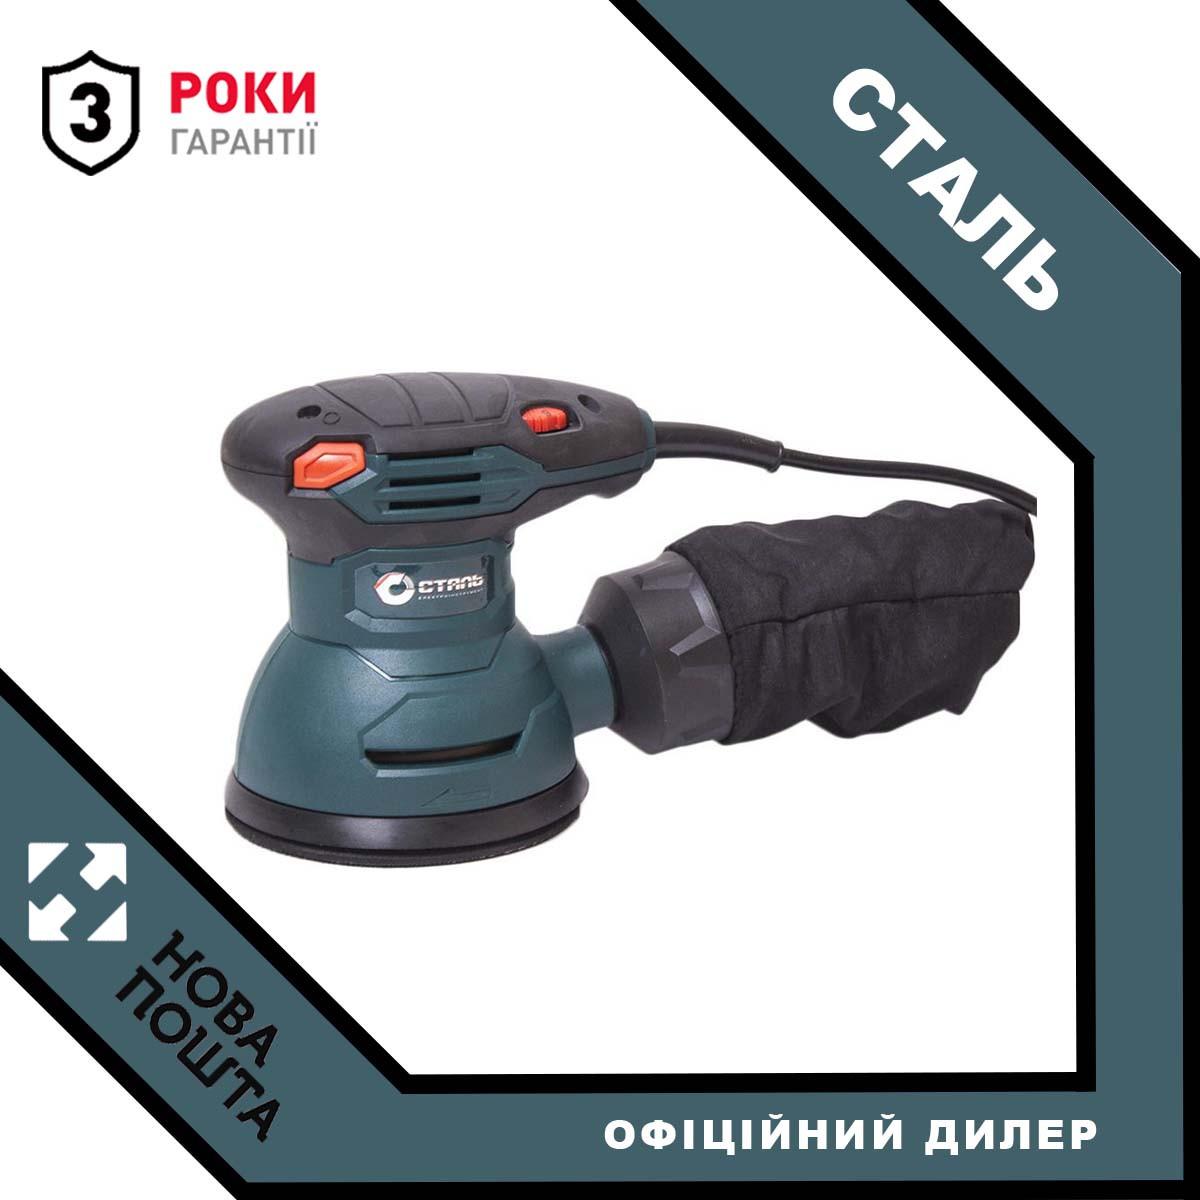 Ексцентрикова шліфмашина Сталь ЭШМ-350 Р (50891)